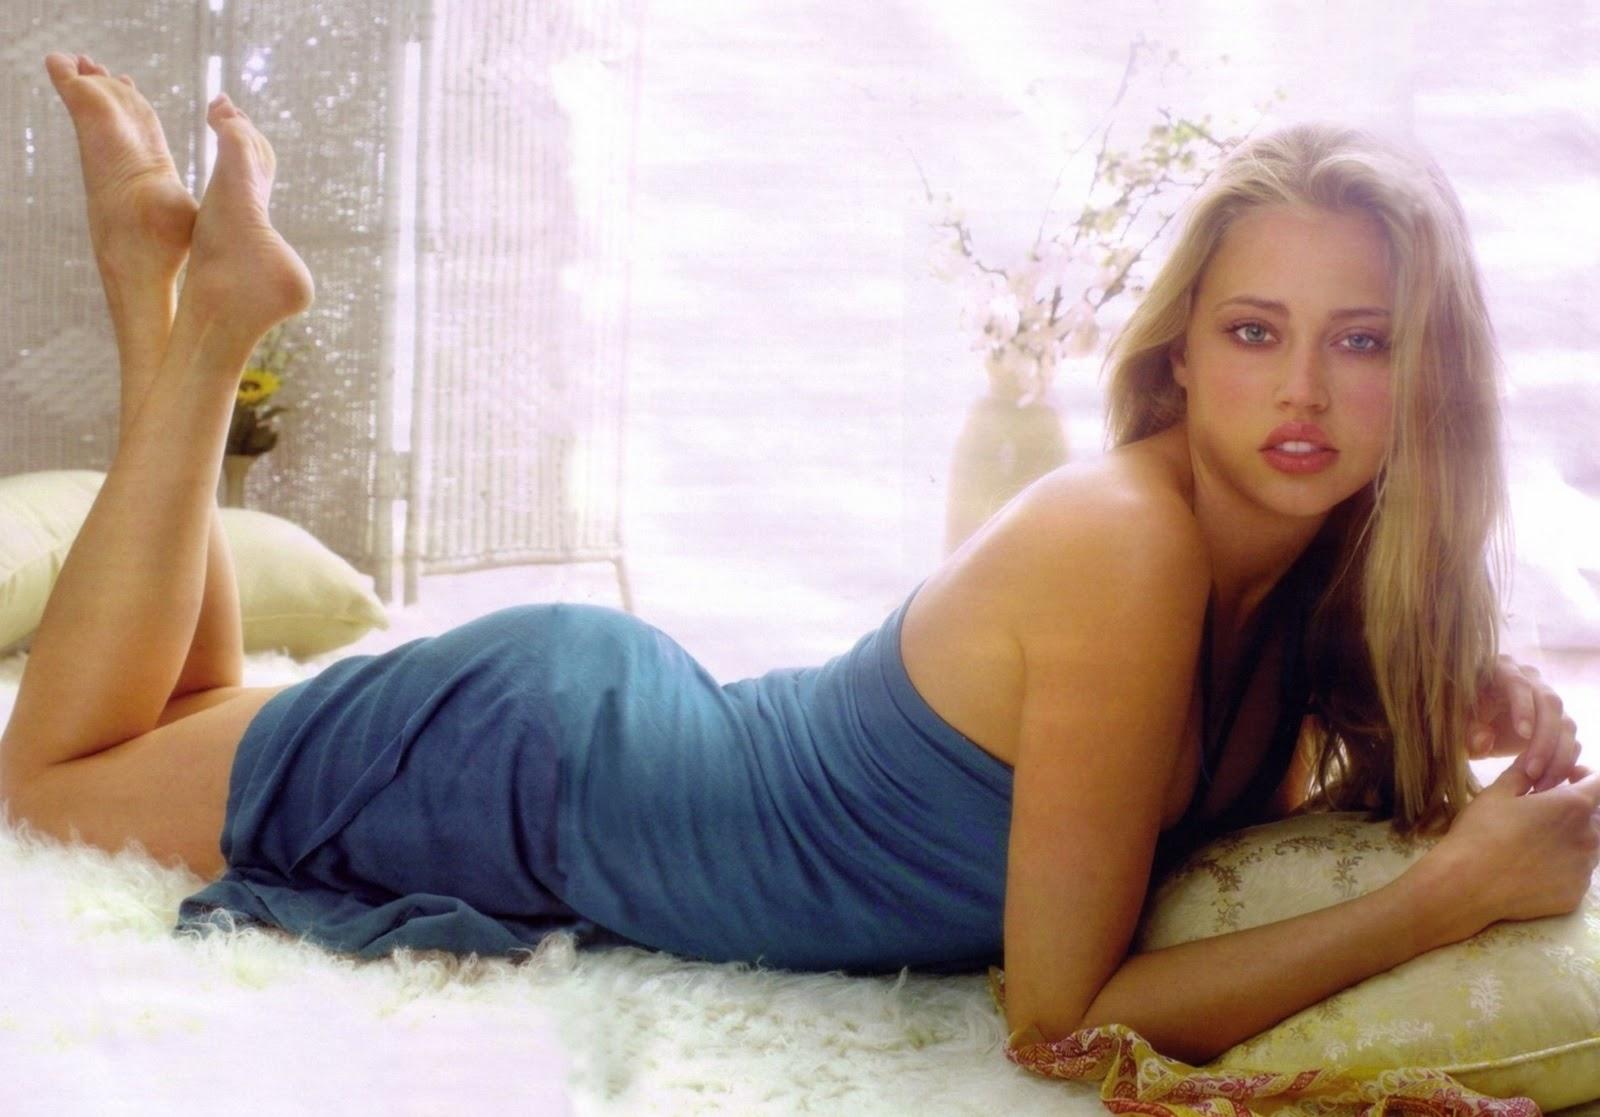 Cheerleaders porn estella warren sexy nude modelling photos